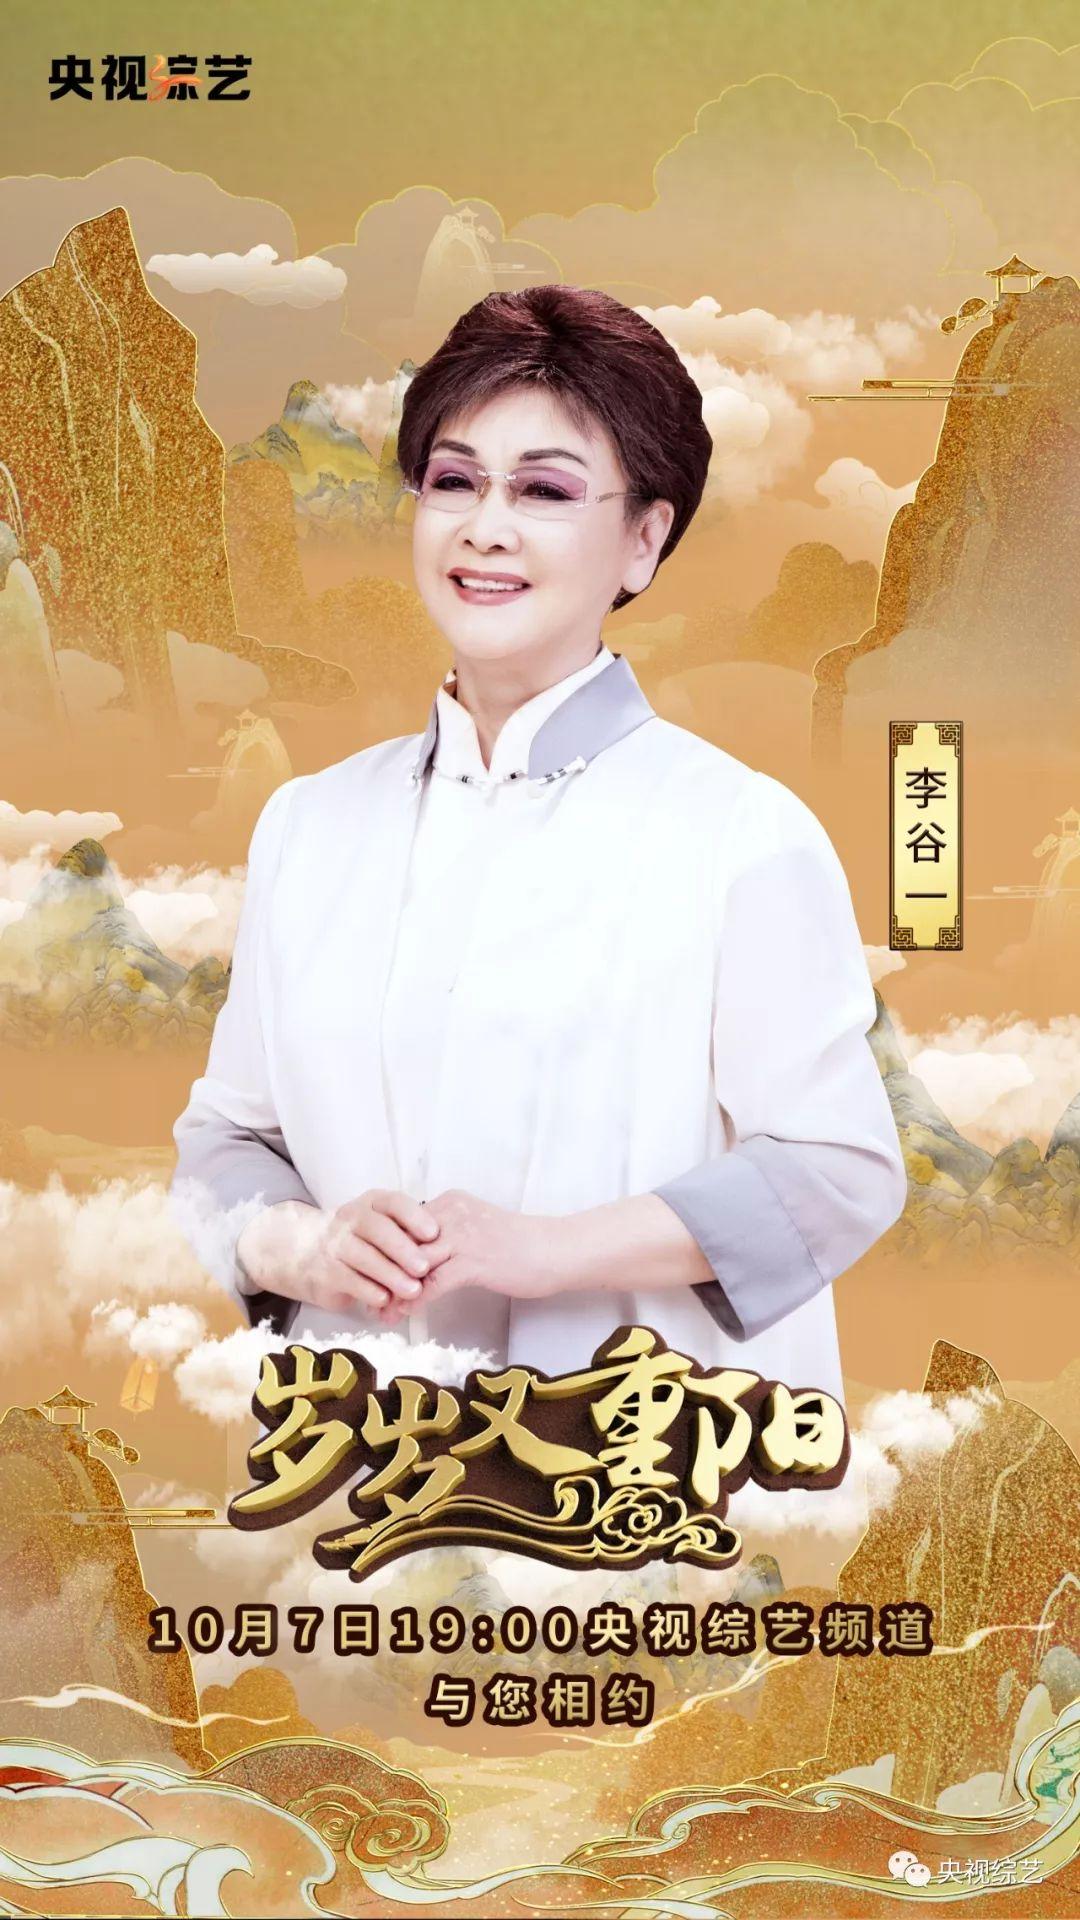 李谷一、刘媛媛与你相约重阳特别节目《岁岁又重阳》